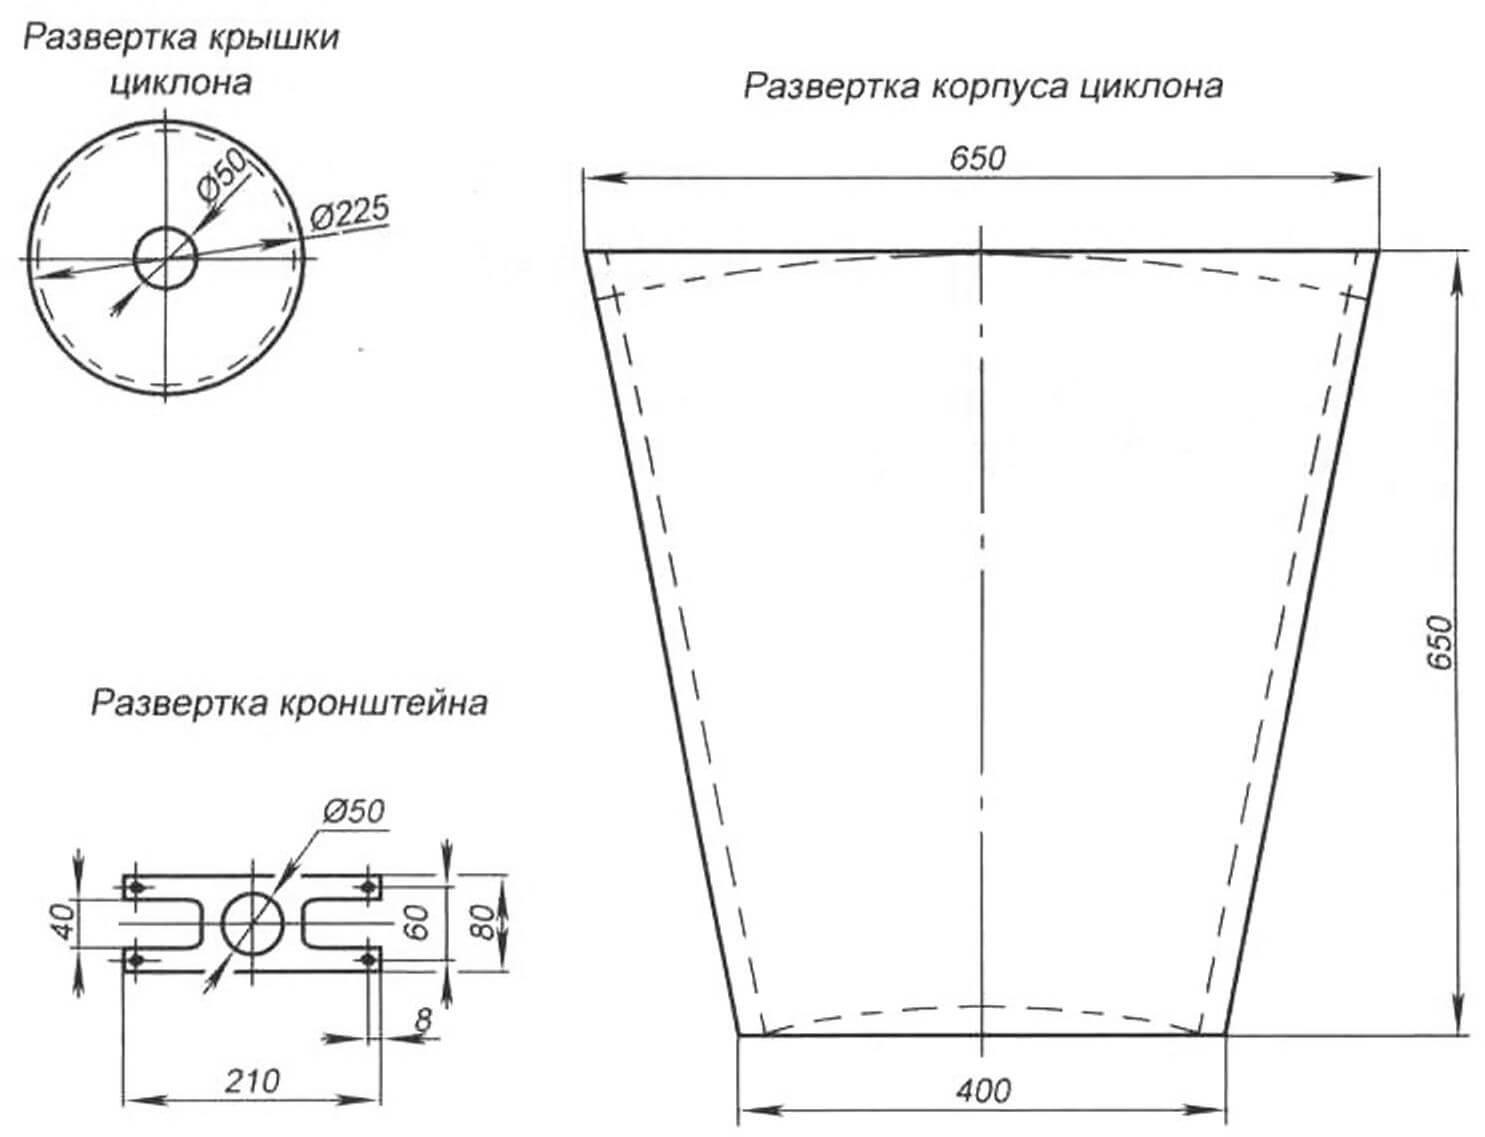 Схема самодельного циклона для отсоса опилок и древесной пыли от ленточной пилы и токарного деревообрабатывающего станка